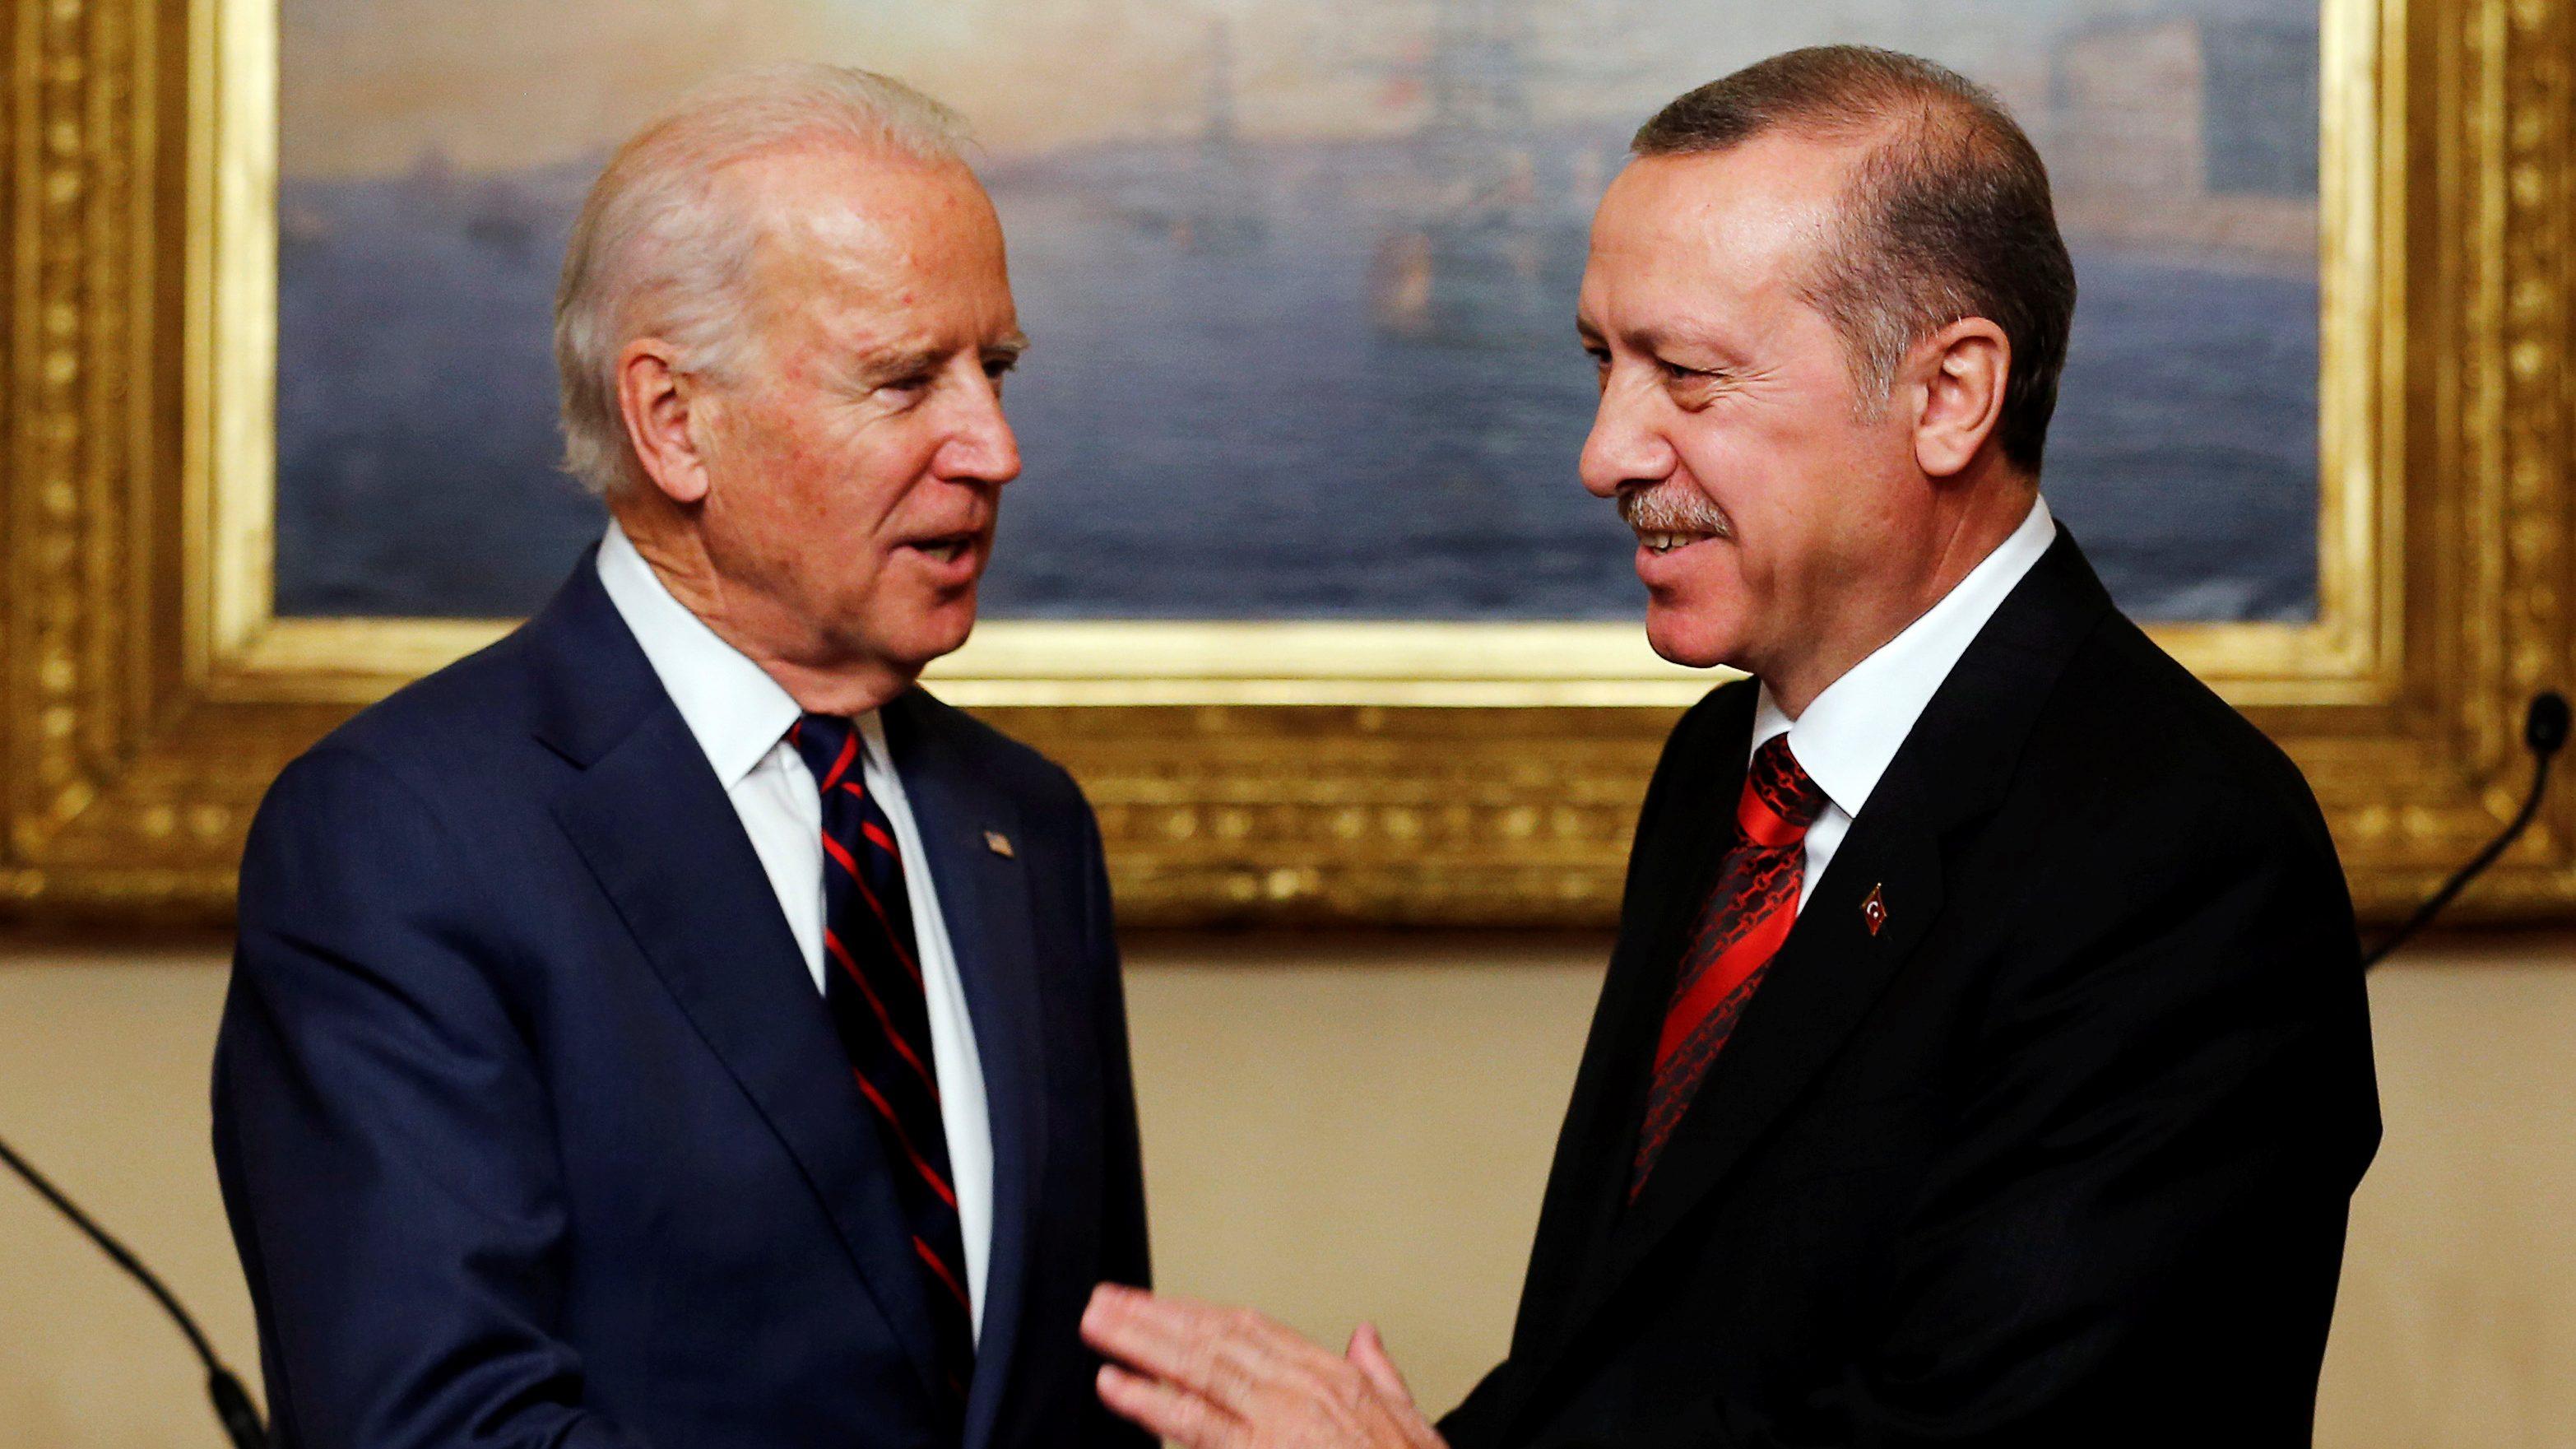 Joe Biden shakes hands with Erdogan